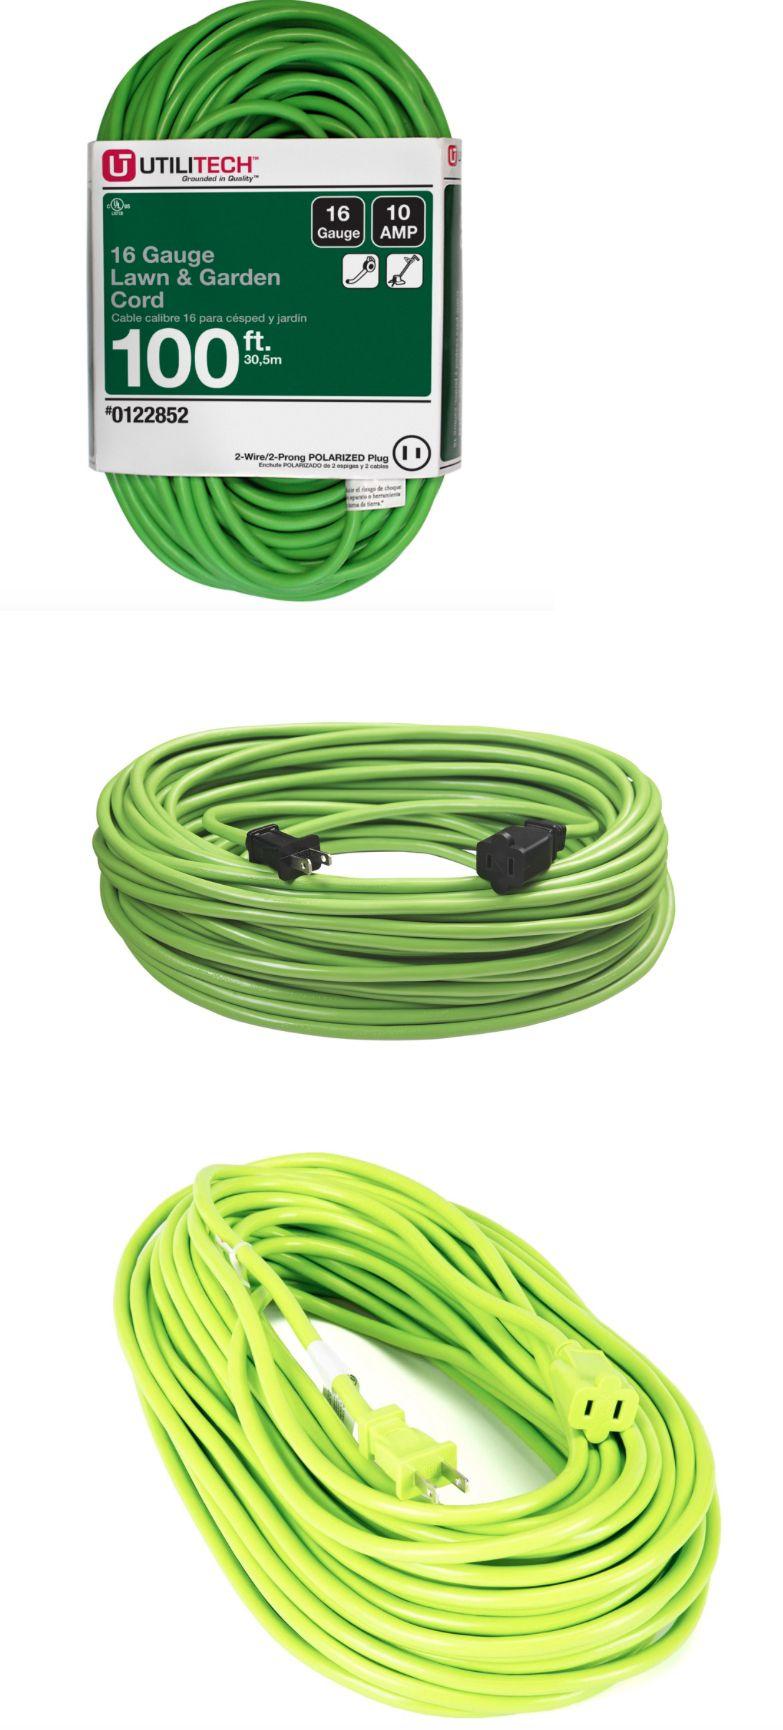 Extension Cords 75577 Utilitech 100 Ft 10 Amp 125 Volt 16 Gauge Lime Green Outdoor Extension Cord 100 Ft Extension Cord Outdoor Extension Cord Extension Cord